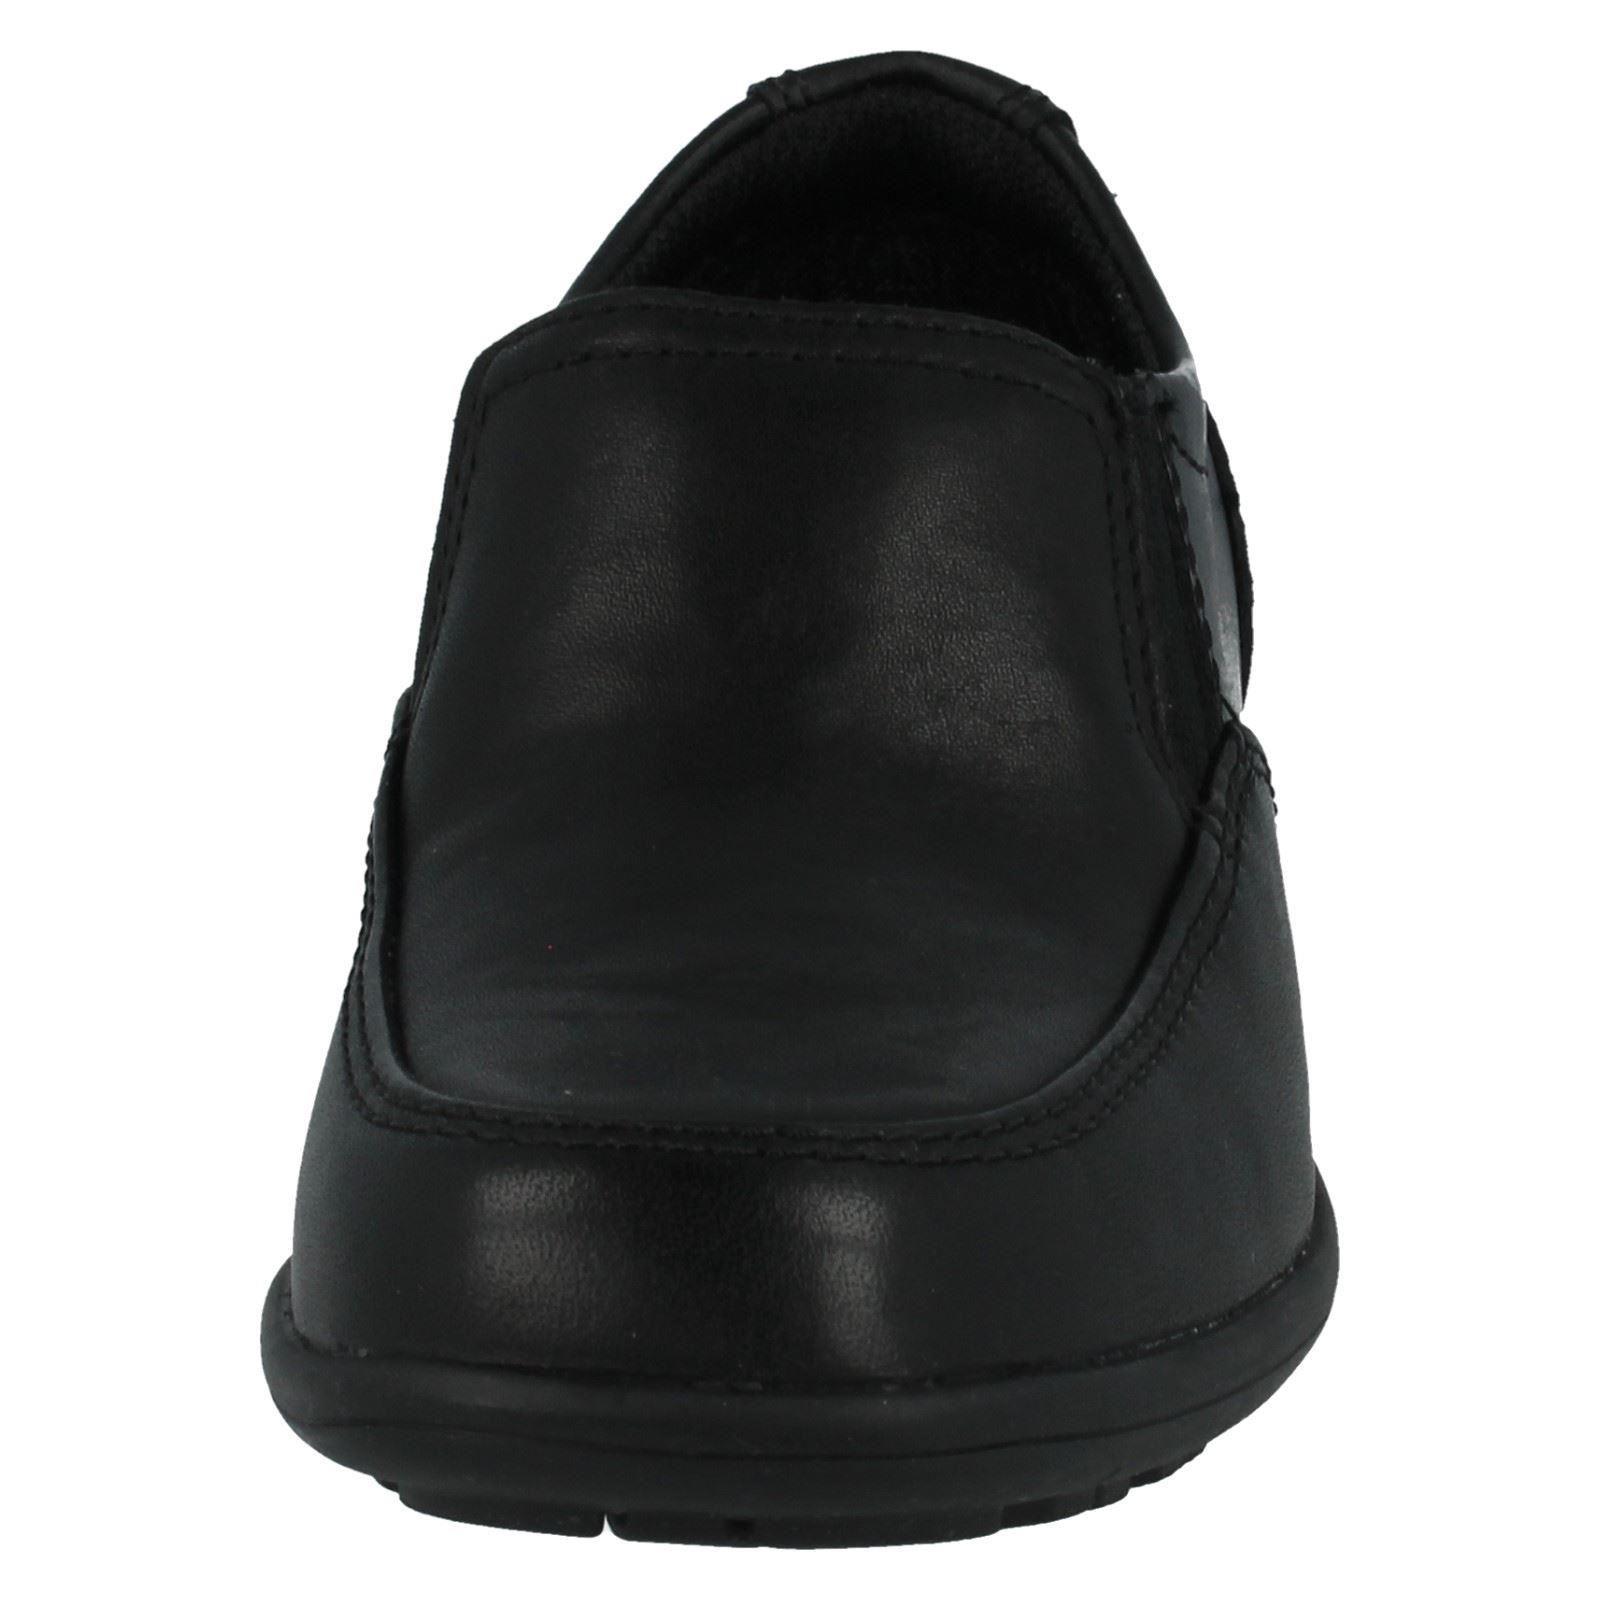 Los chicos calzado Clarks el estilo-kooru paso